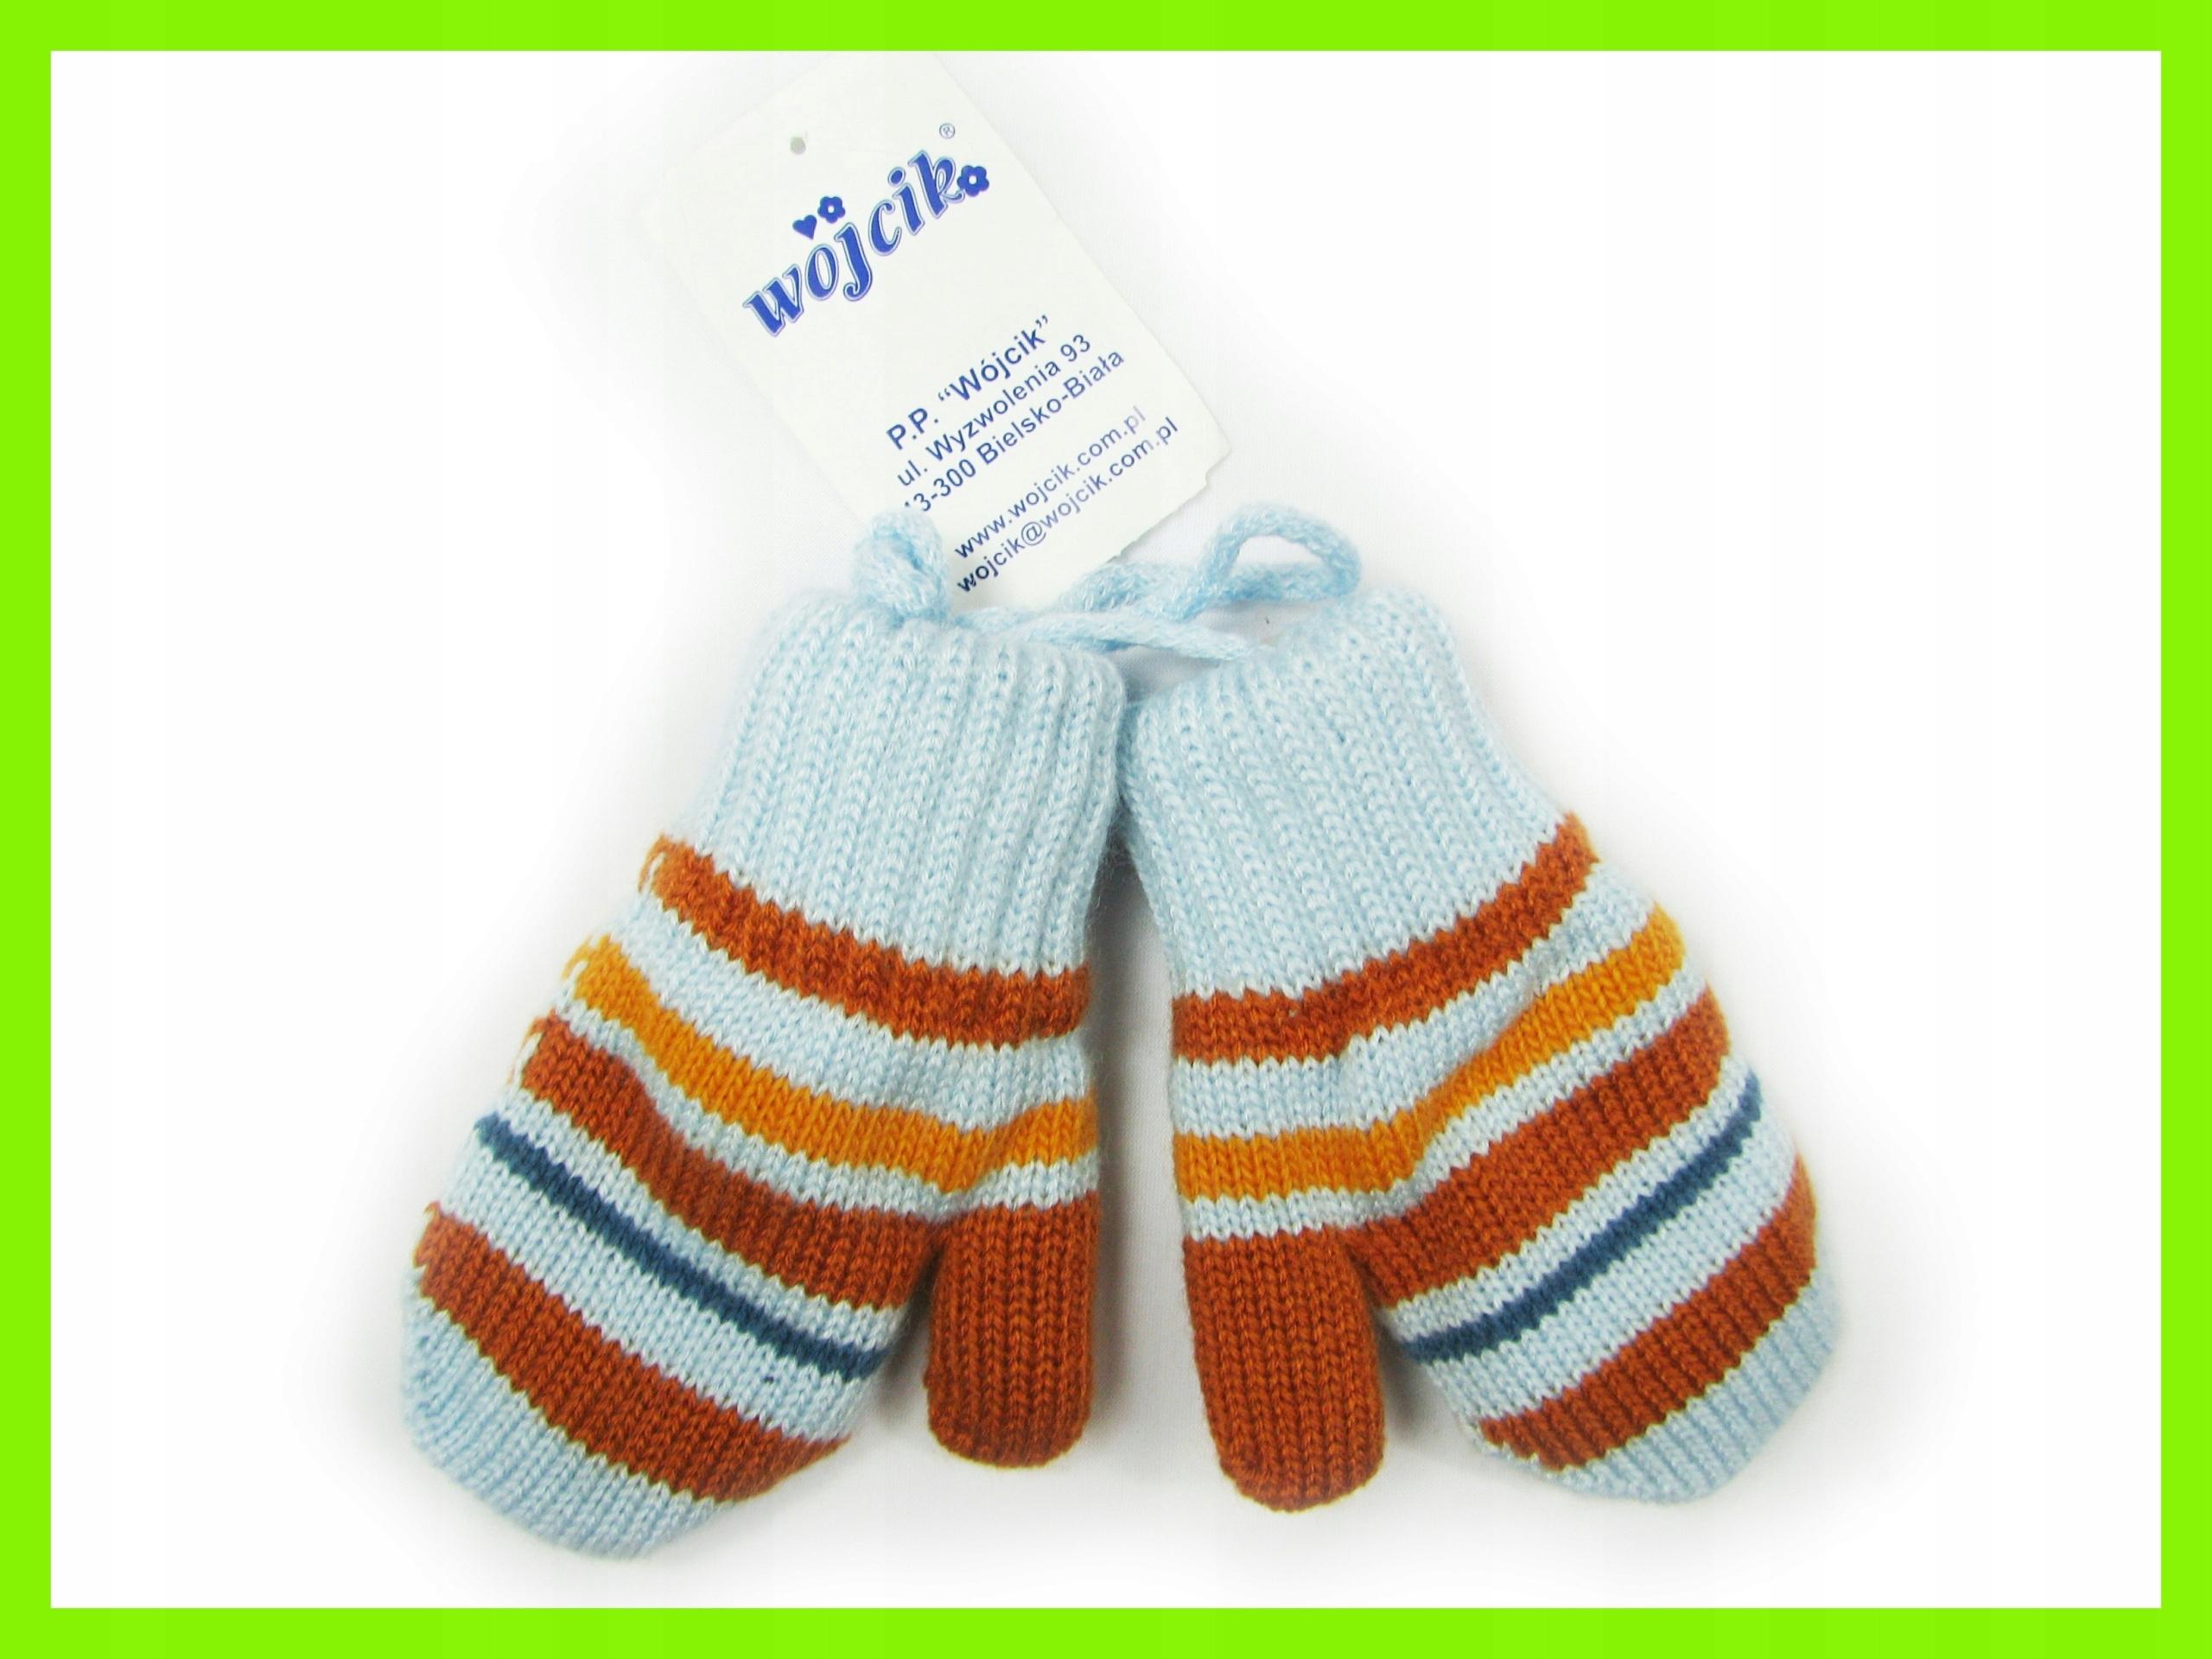 Nowe rękawiczki Wójcik jednopalcowe dziecko 12 mcy